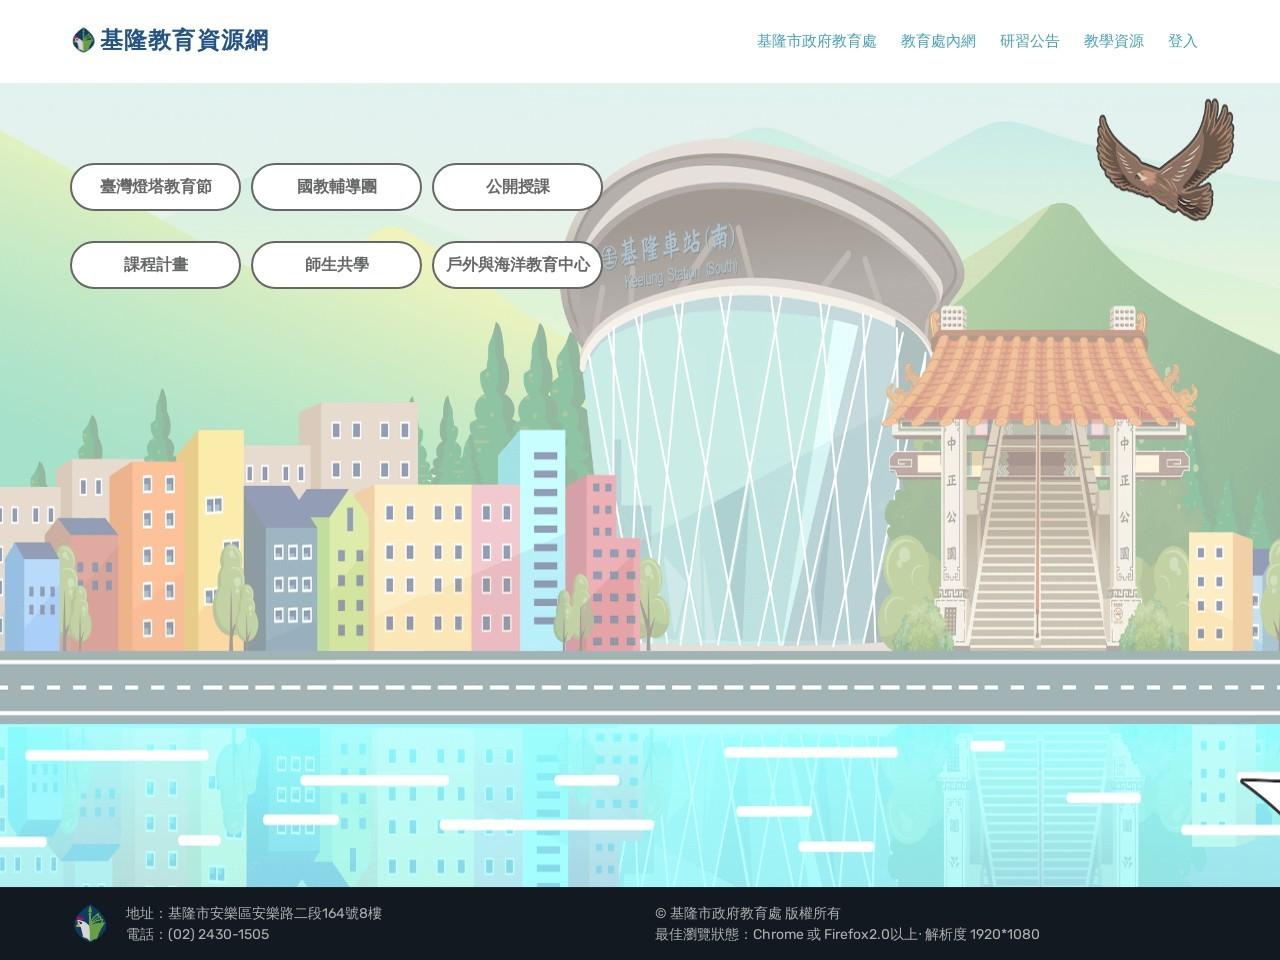 轉知中華民國飛盤協會原辦理『全國國民小學五人制飛盤爭奪錦標賽』,因日期與其他賽事衝突故比賽時間與地點改變,特此通知。